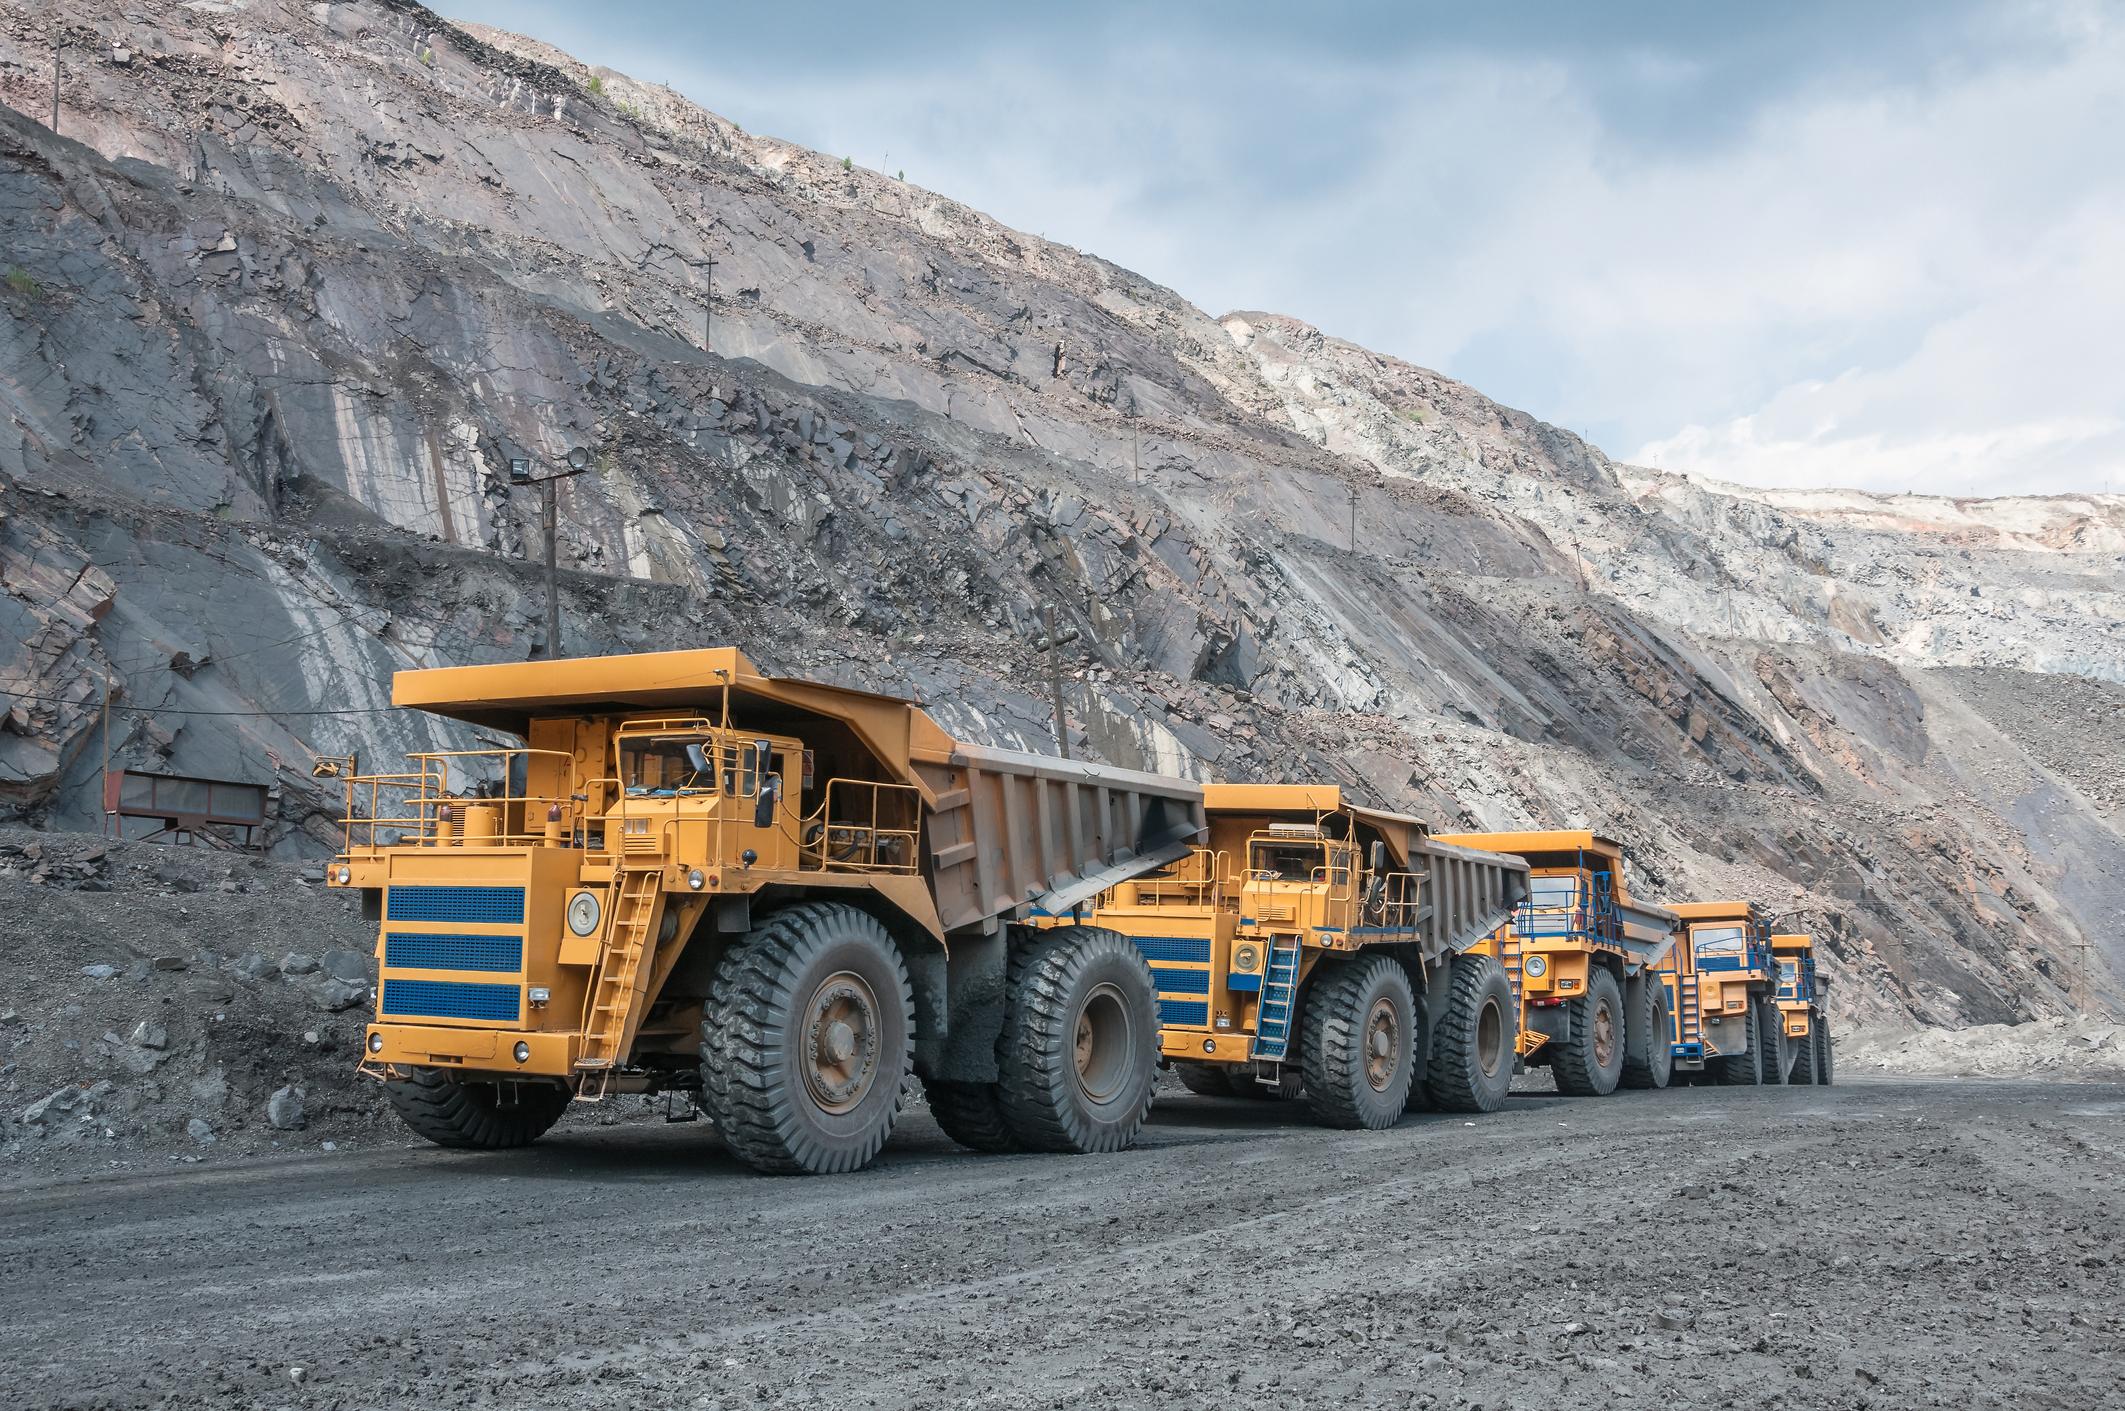 Heavy-duty dump trucks driving in an open-pit mine.